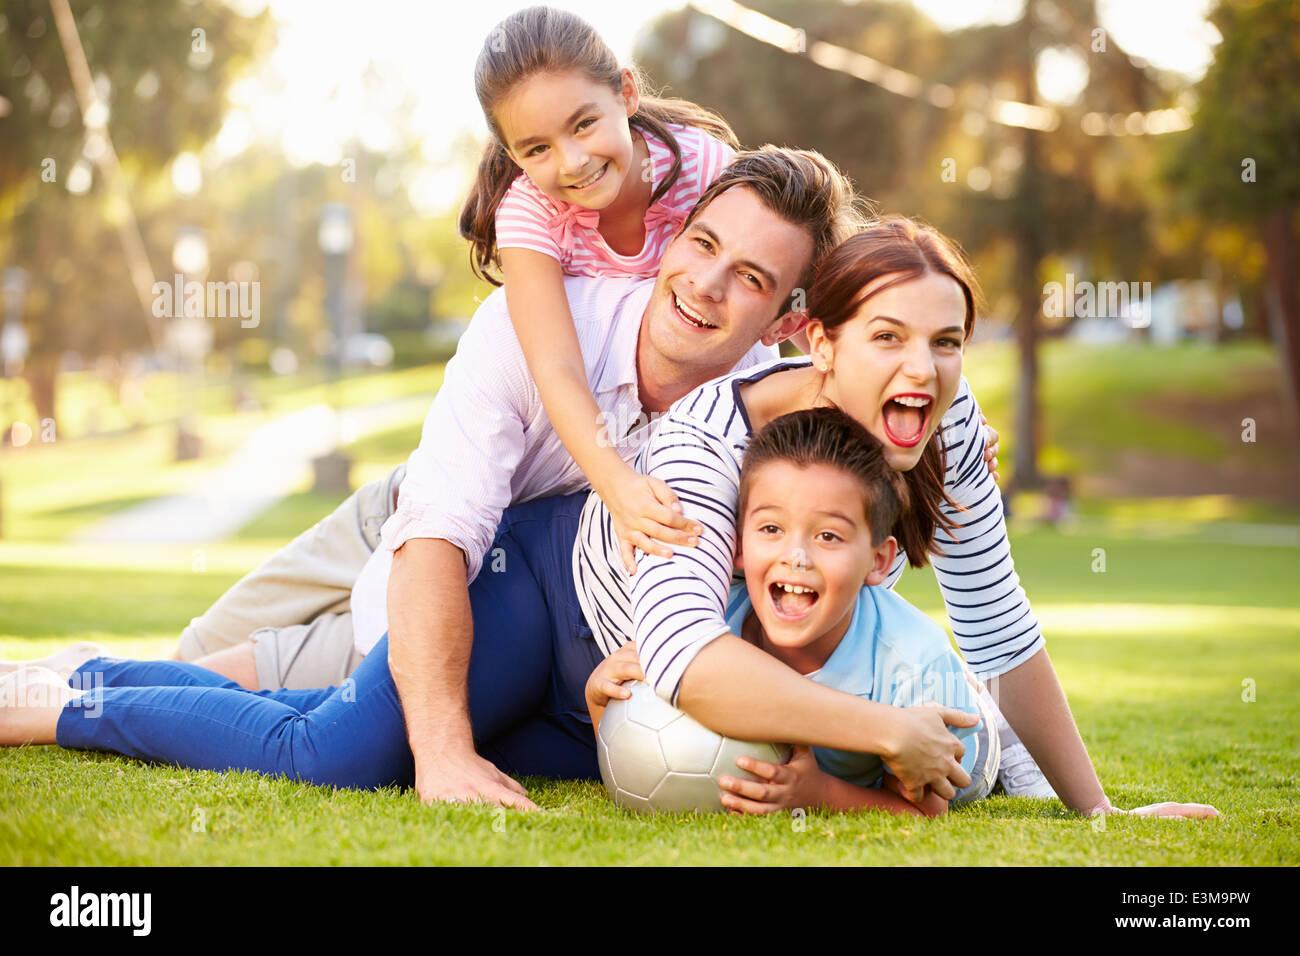 Famiglia giacente su erba in Park insieme Immagini Stock